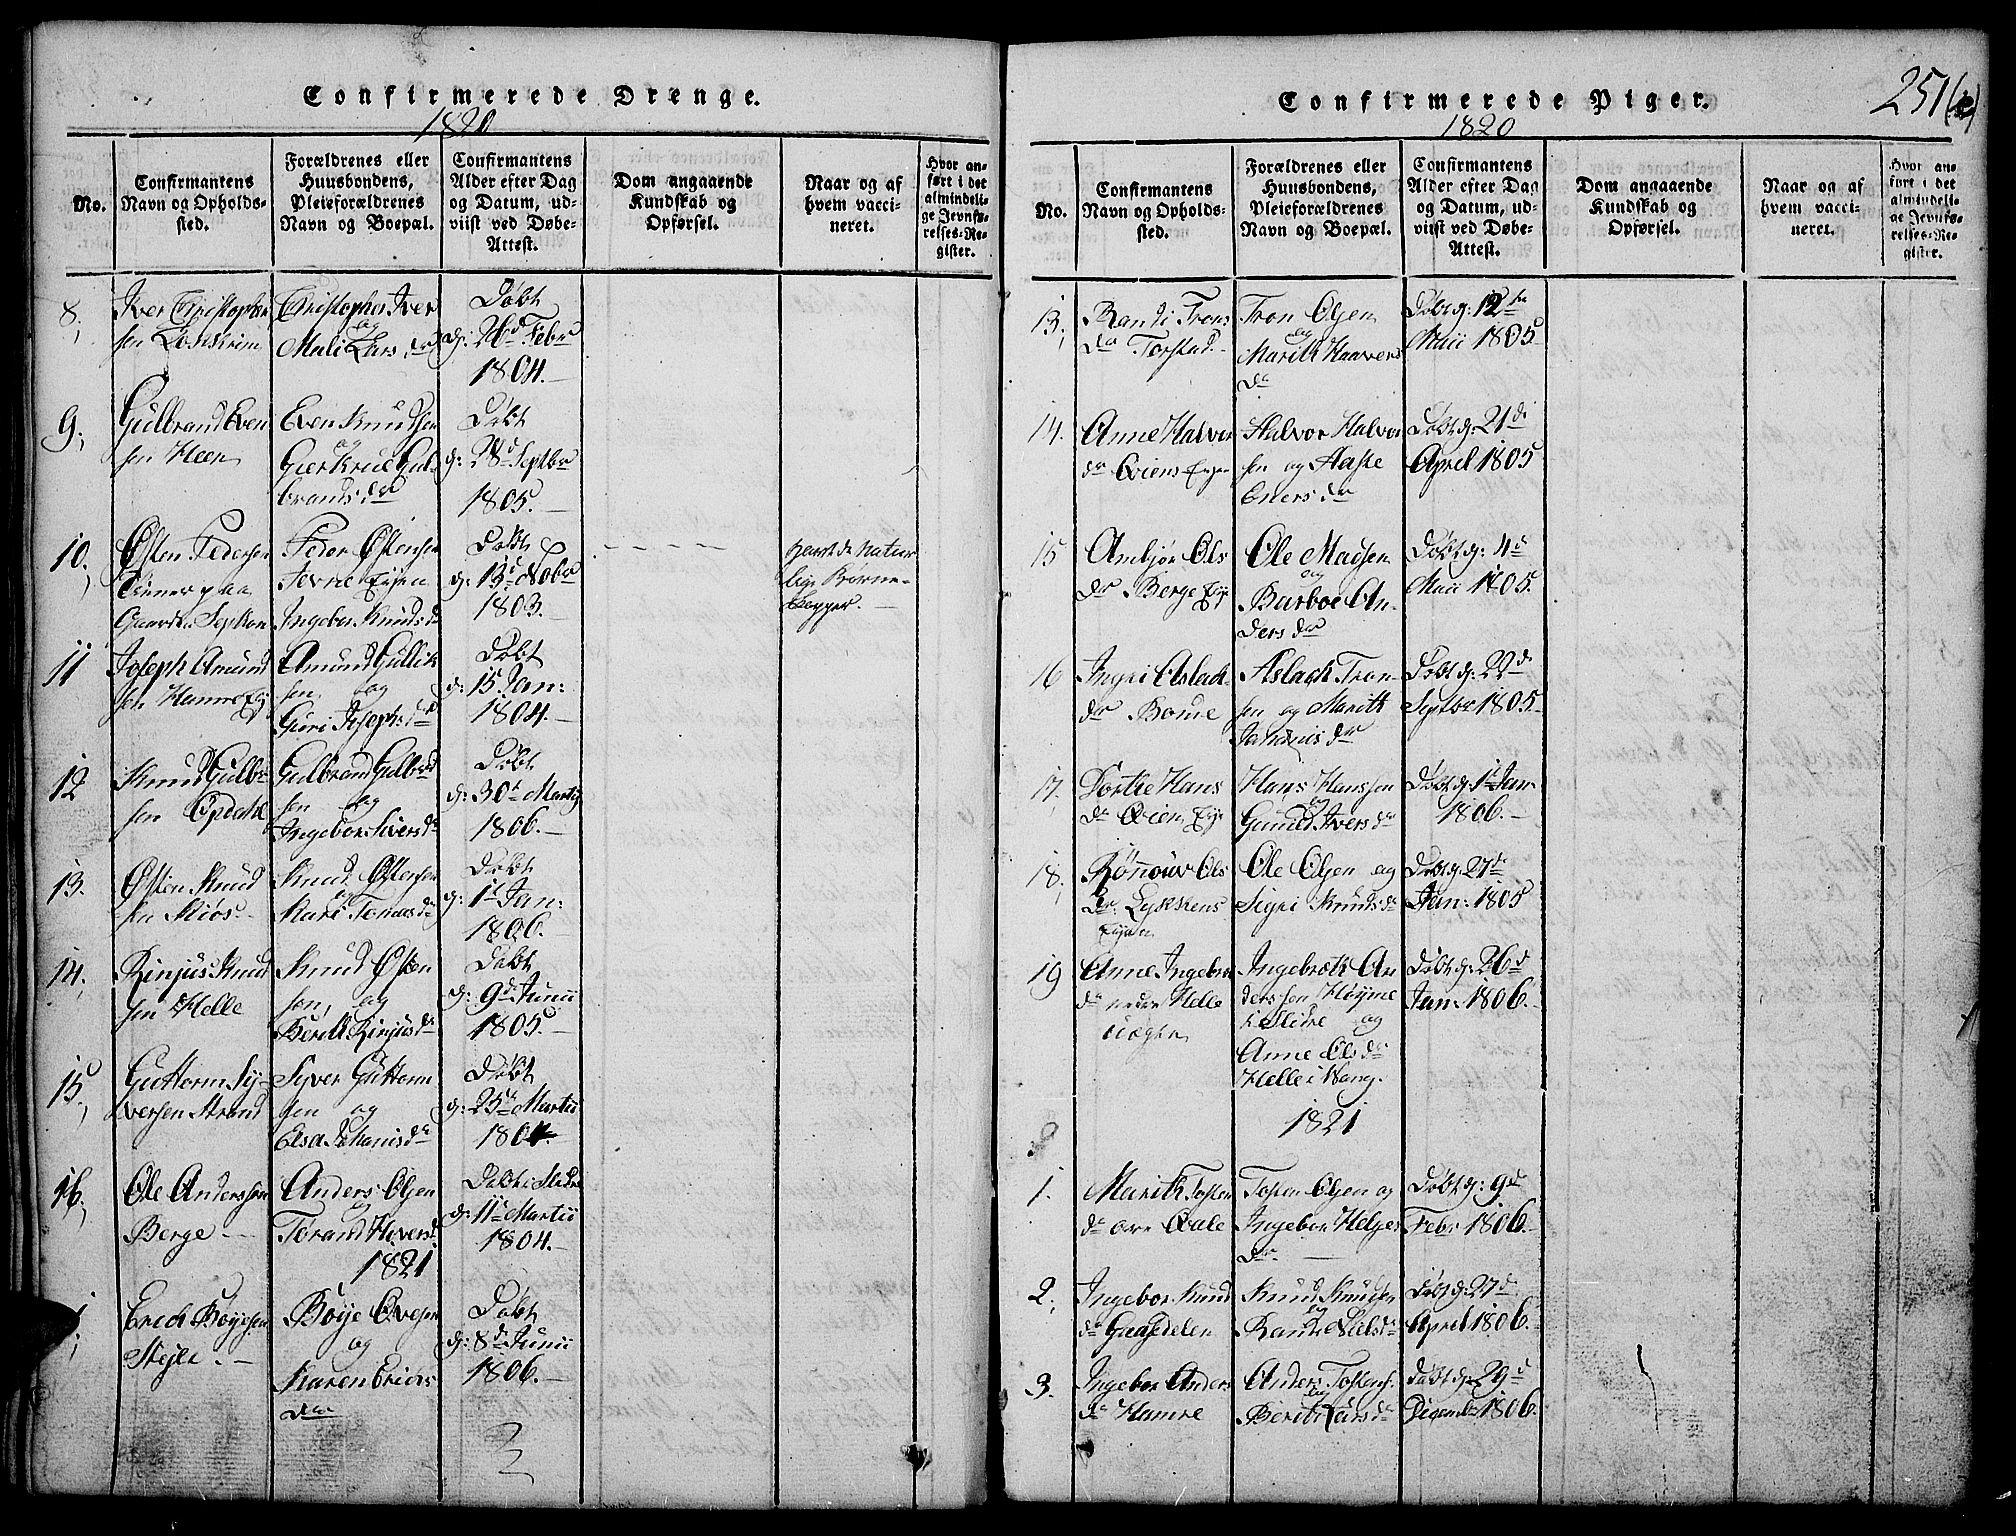 SAH, Vang prestekontor, Valdres, Klokkerbok nr. 2, 1814-1889, s. 251b